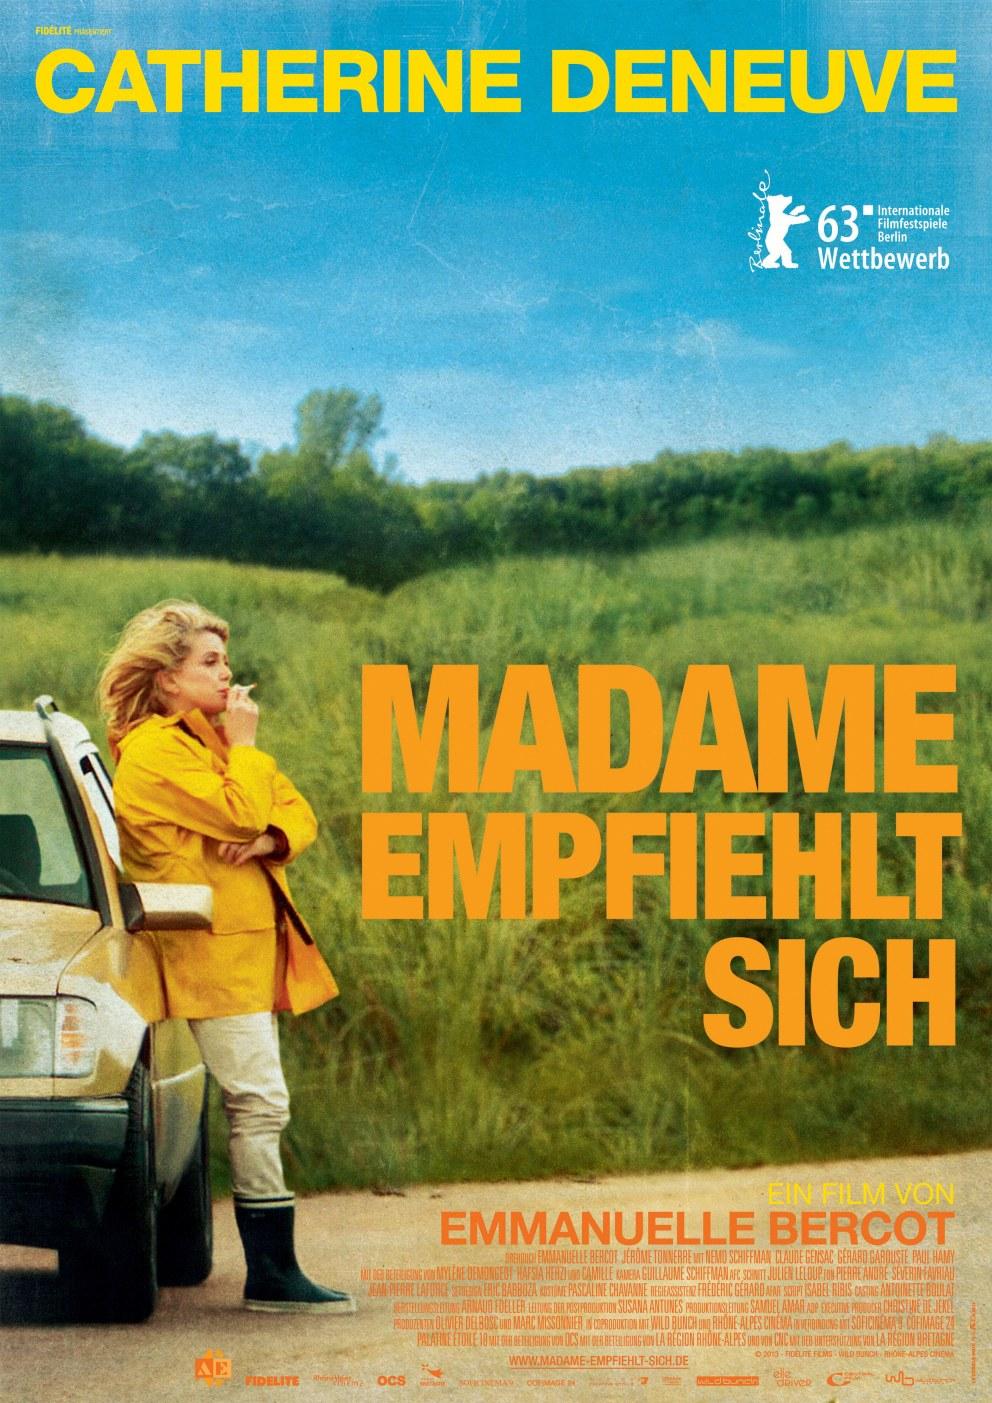 Madame empfiehlt sich   Cinestar